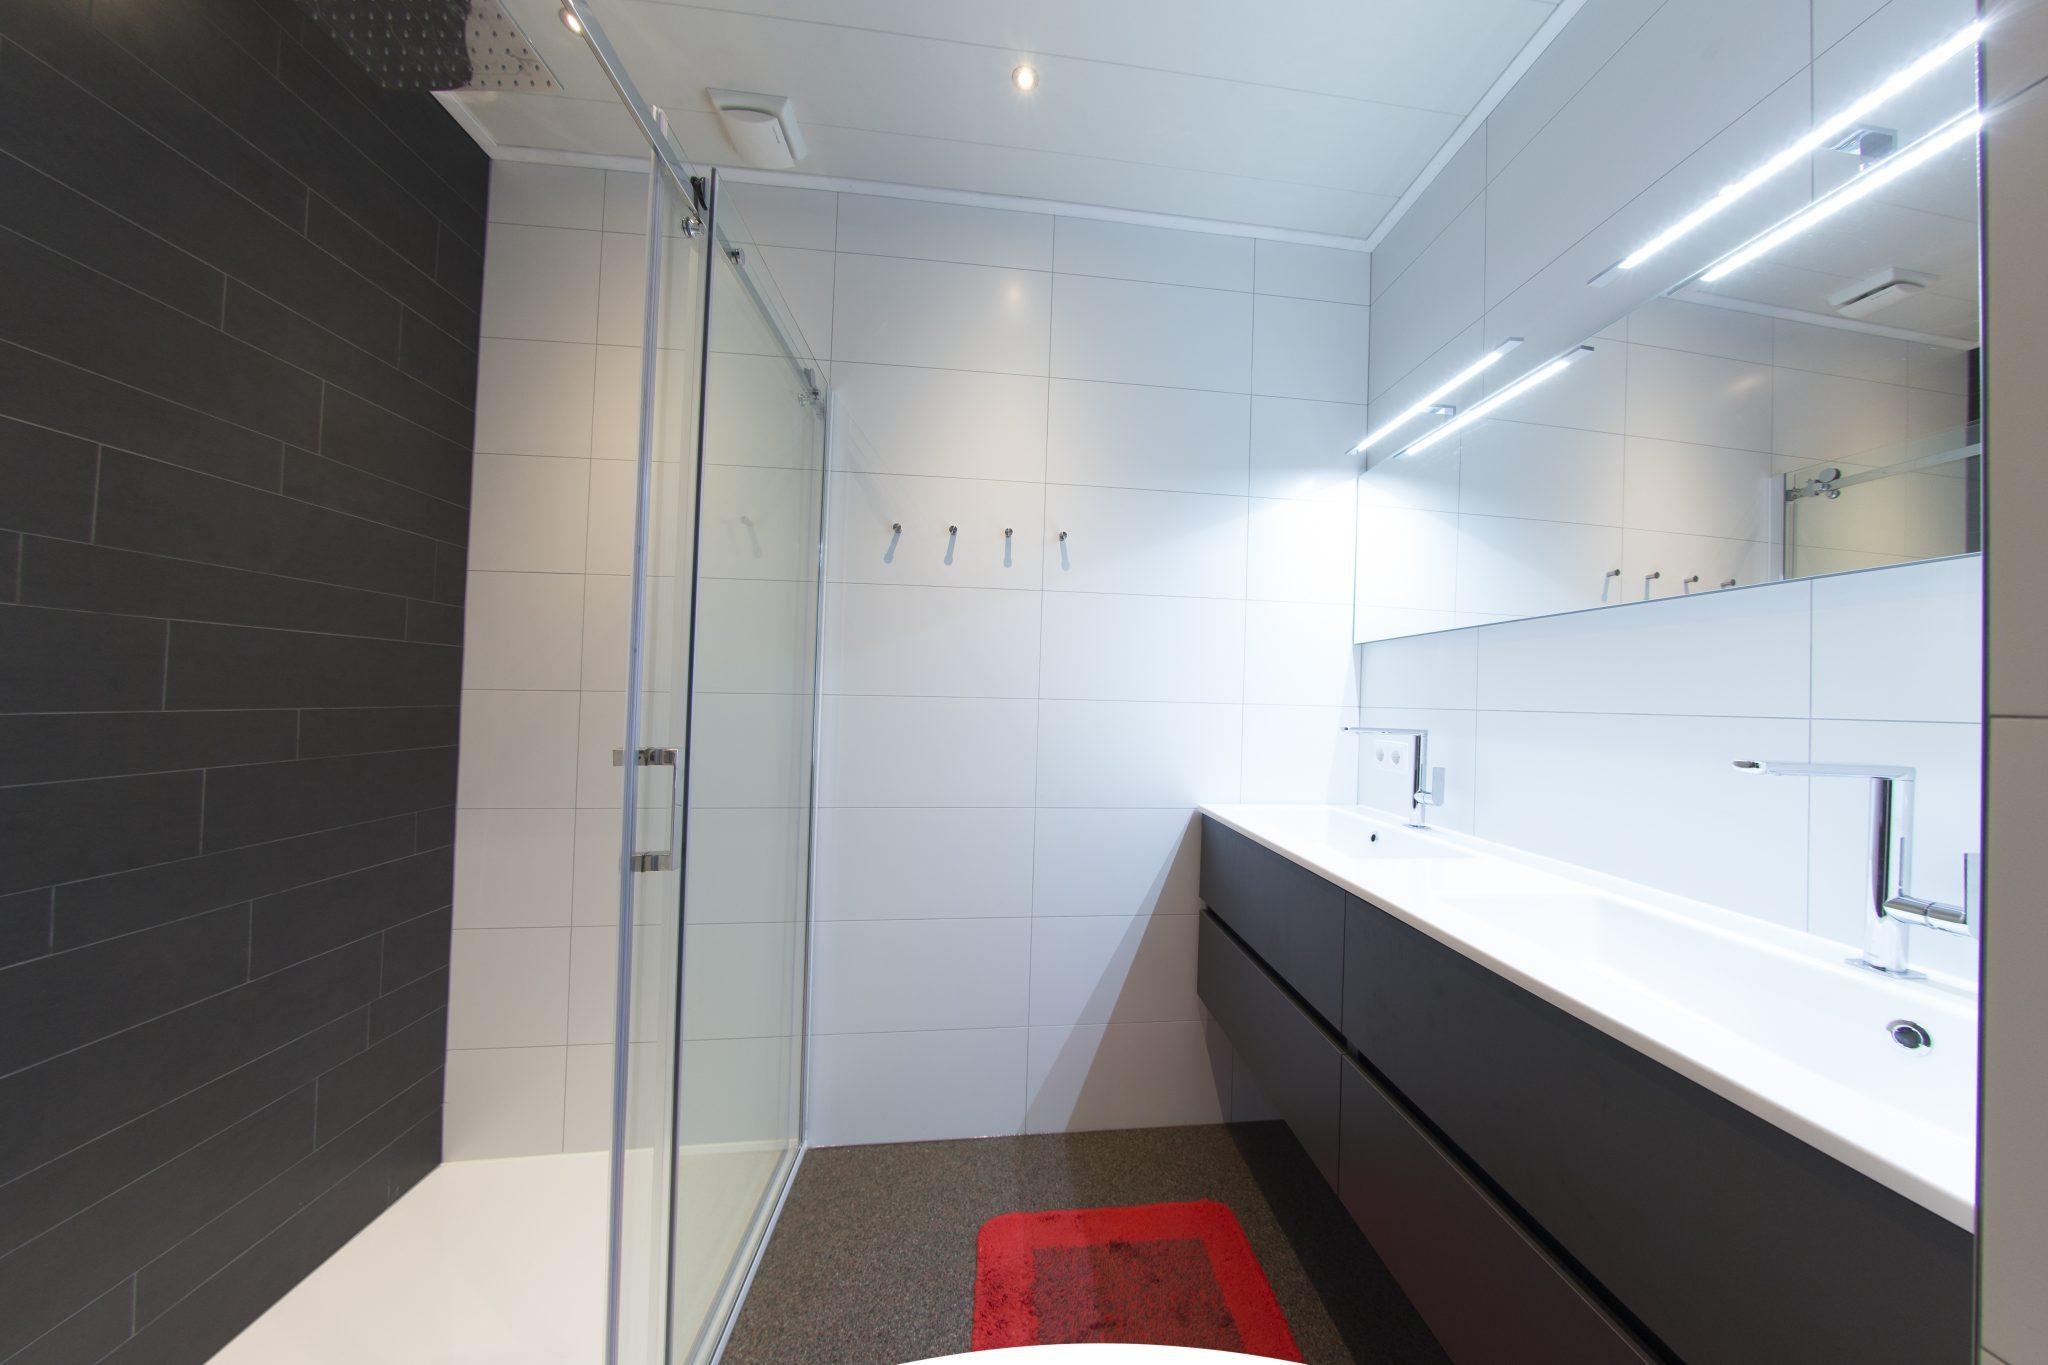 Aanbieding complete badkamer badkamer aanbiedingen van hummel